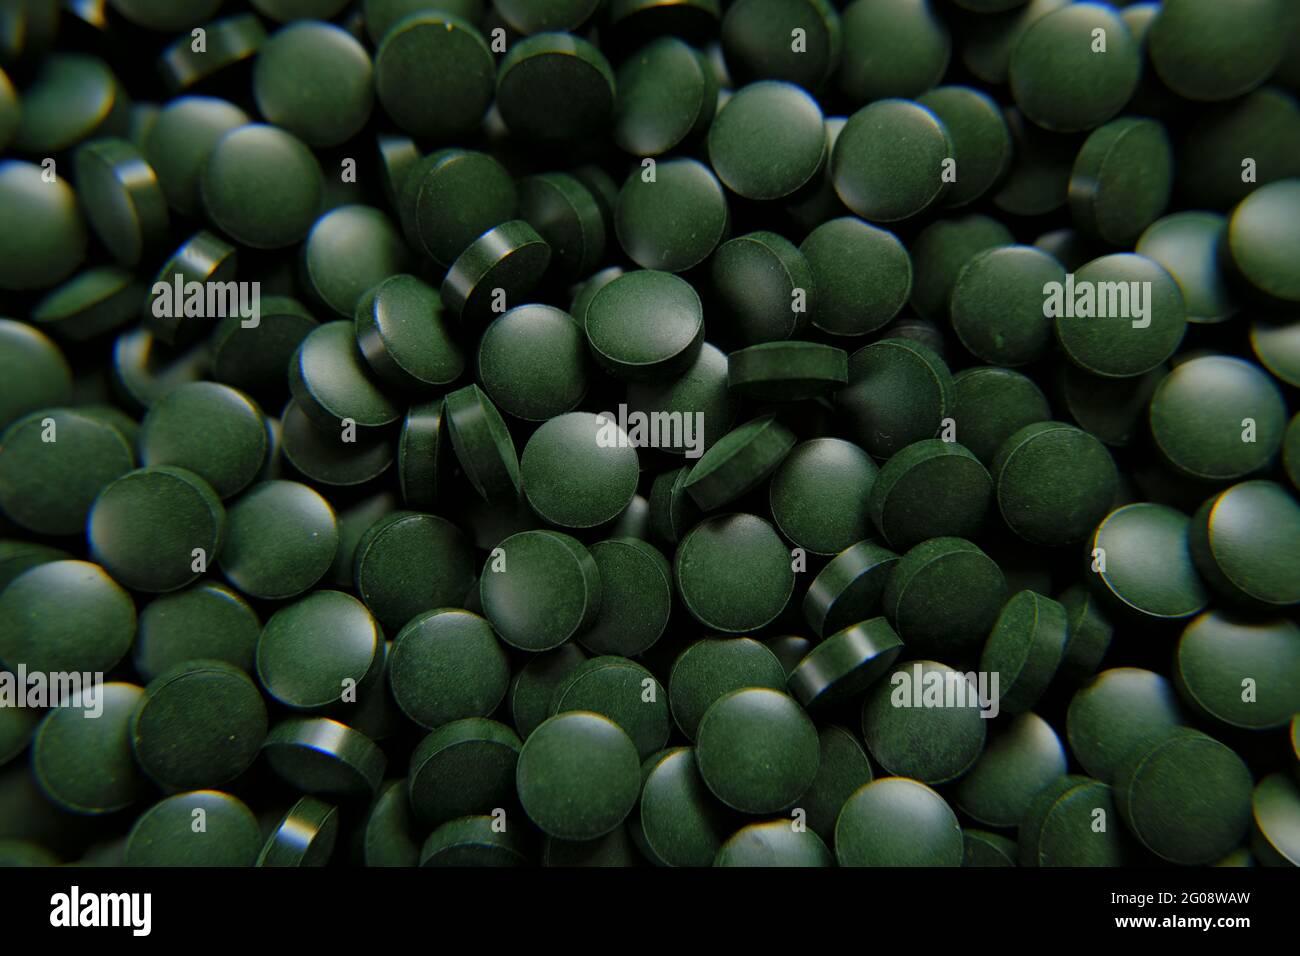 Spiruline vert pilules fond. Comprimés verts d'algues Spirulina. Compléments alimentaires pour un mode de vie sain Banque D'Images